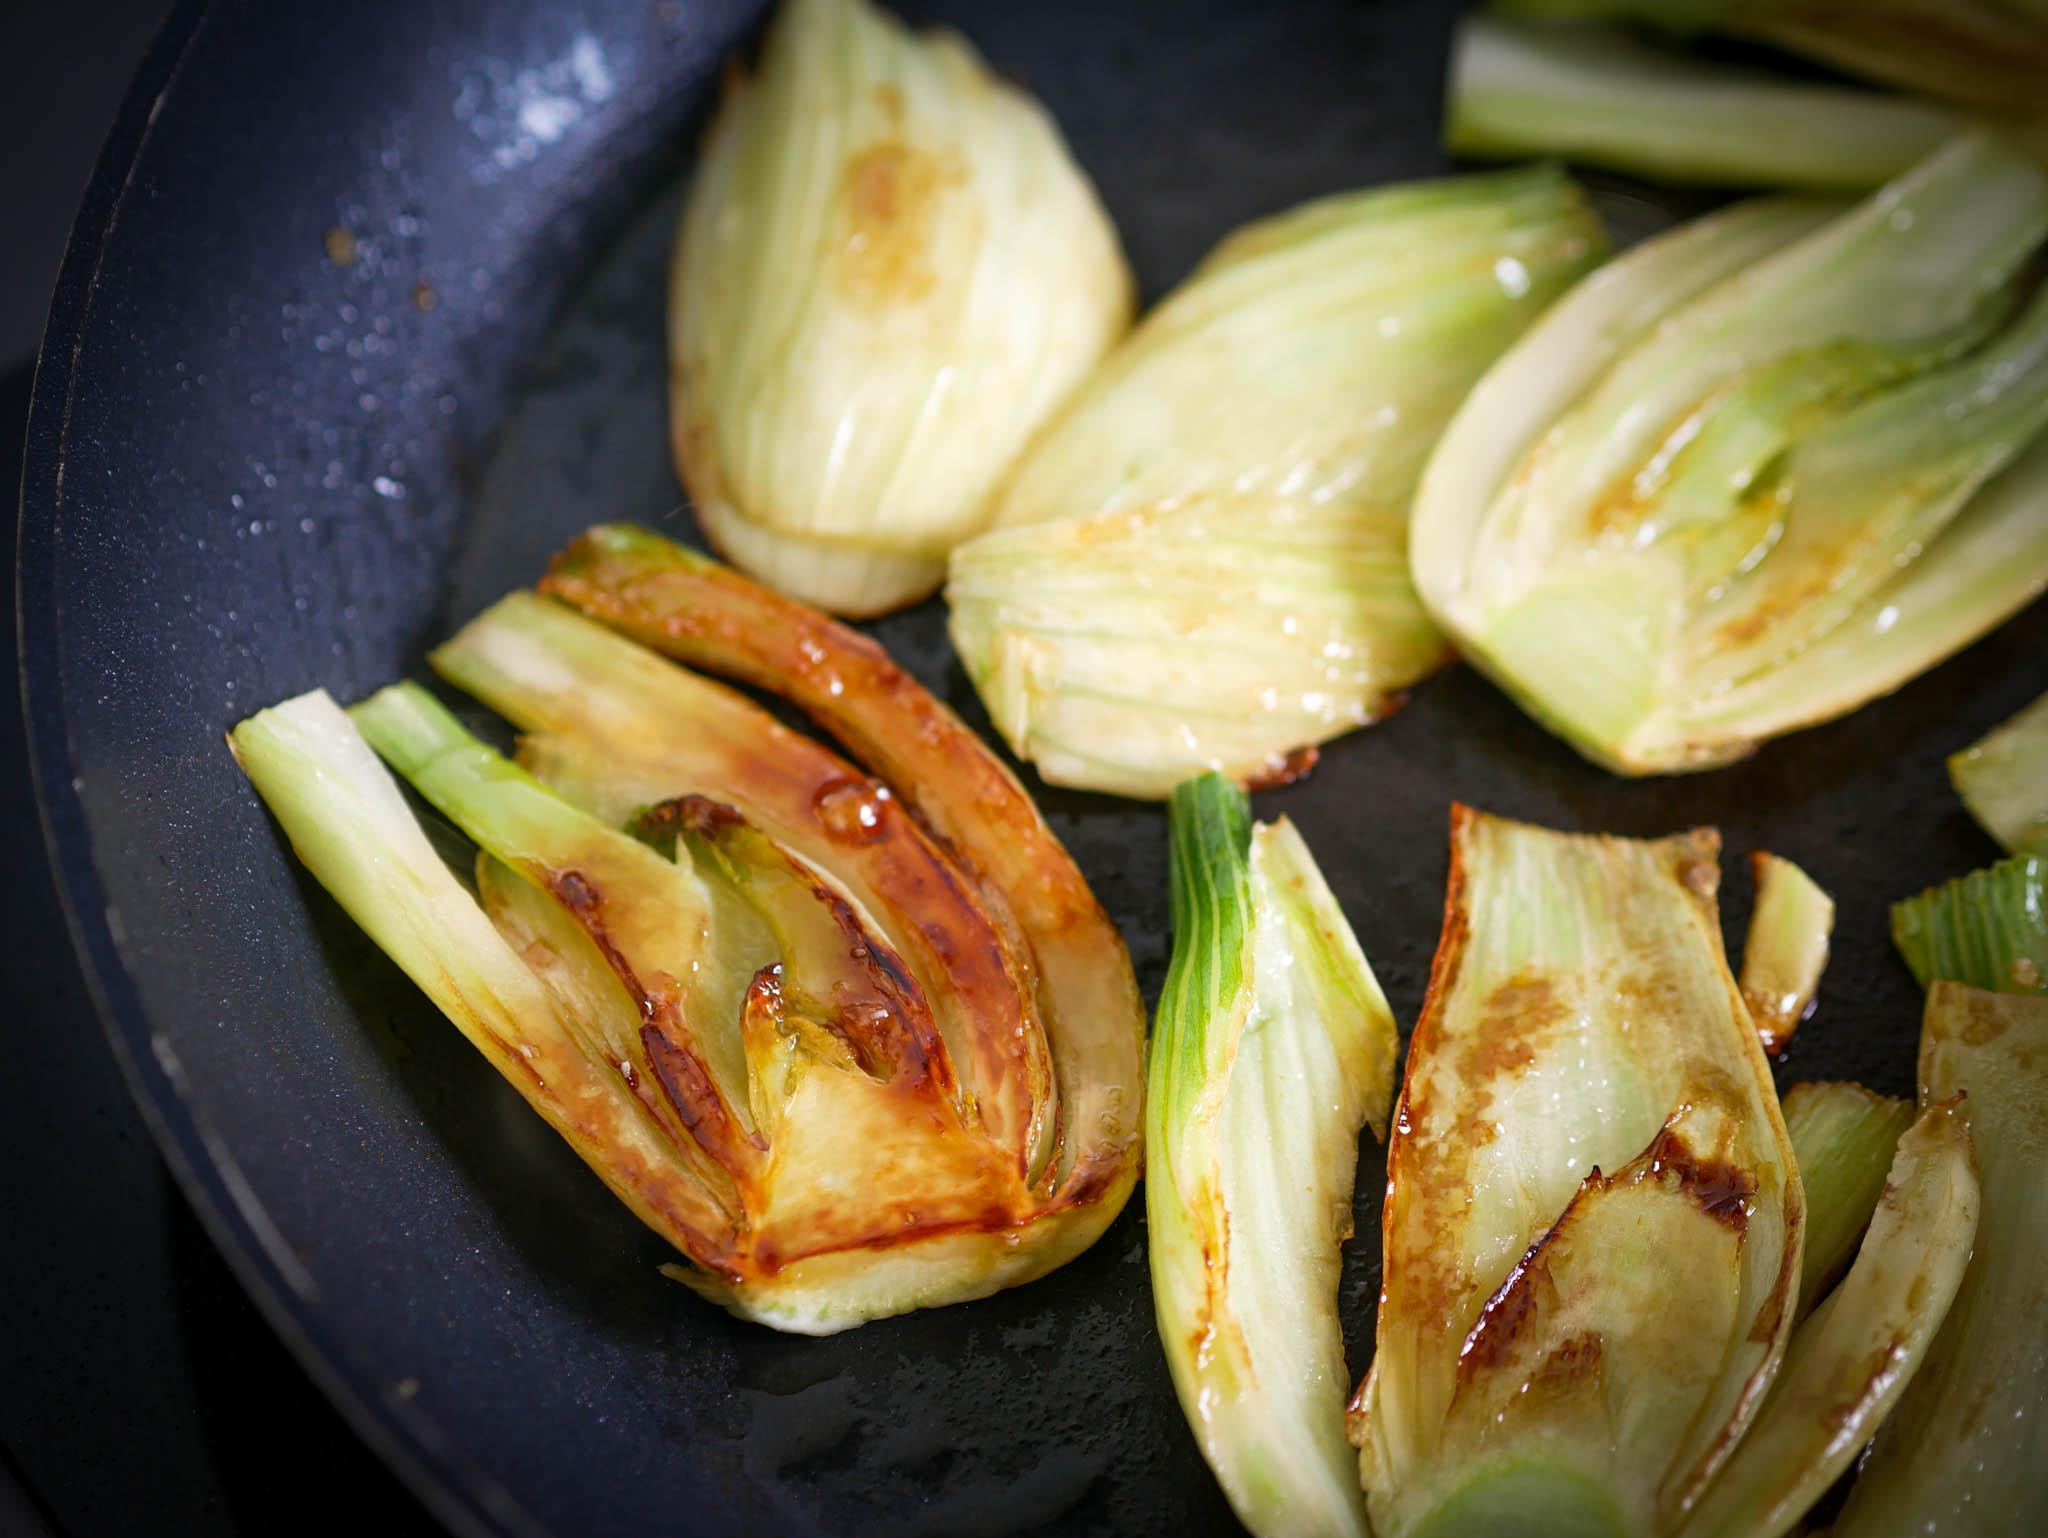 Faites-les revenir dans une poêle avec un mélange beurre-huile et cassonade une quinzaine de minutes.